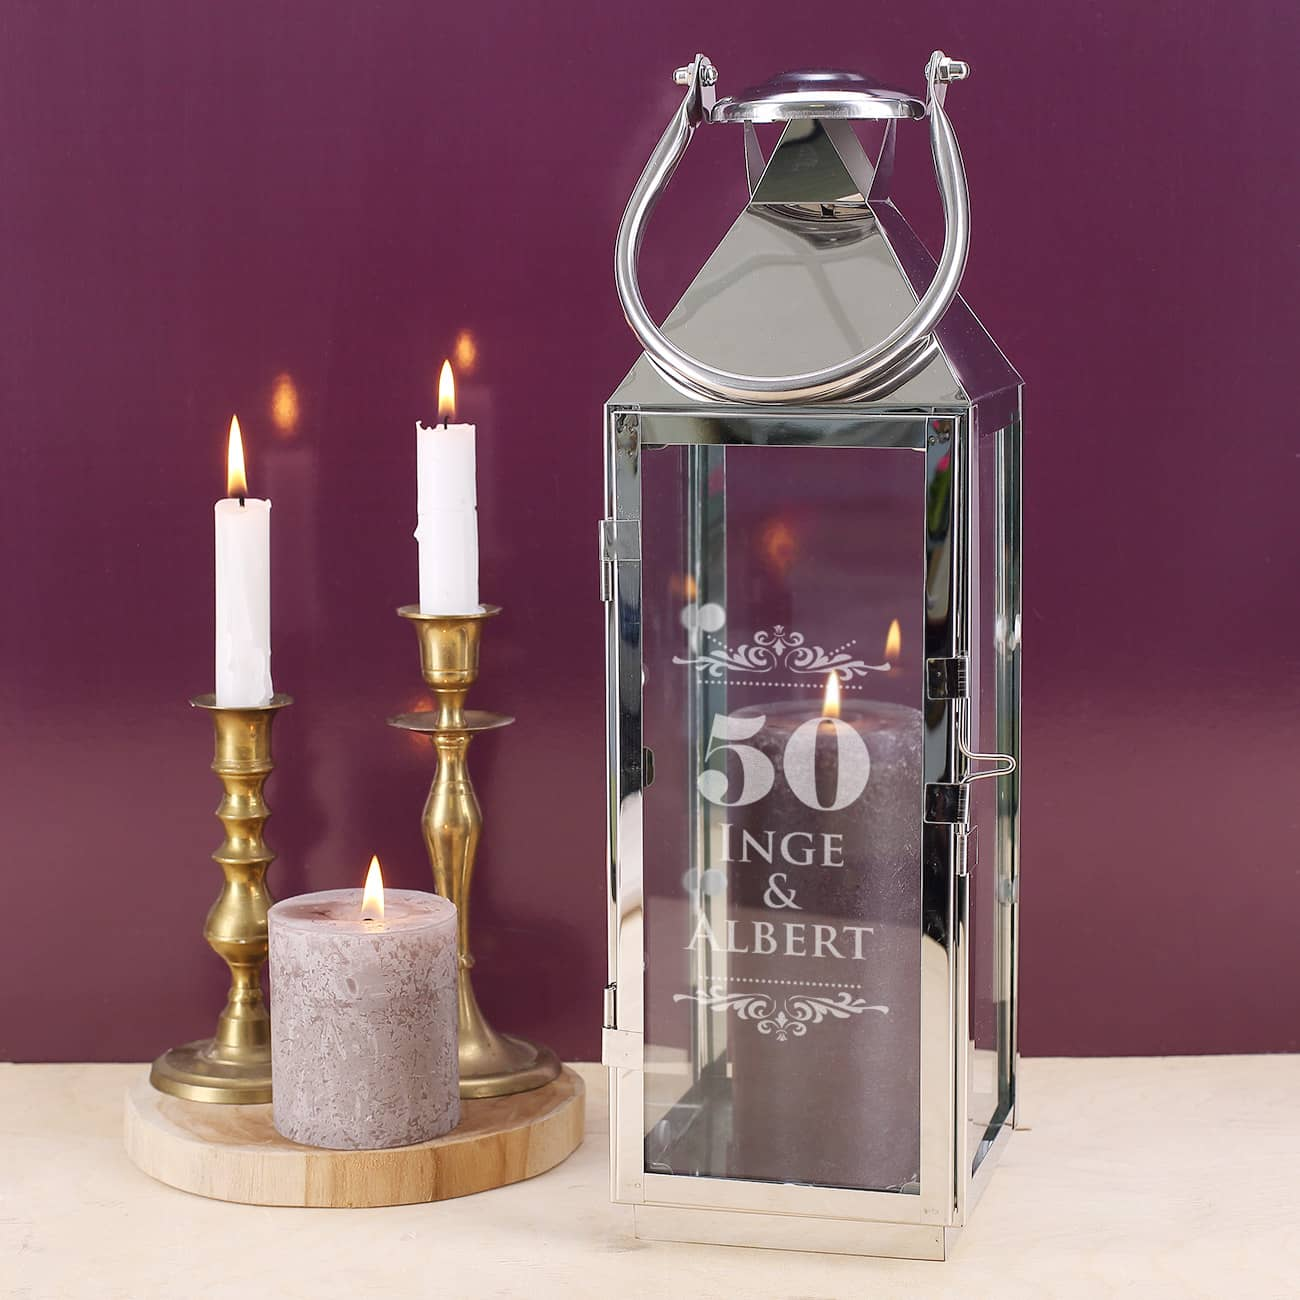 Geschenke Zur Goldenen Hochzeit Personalisiert